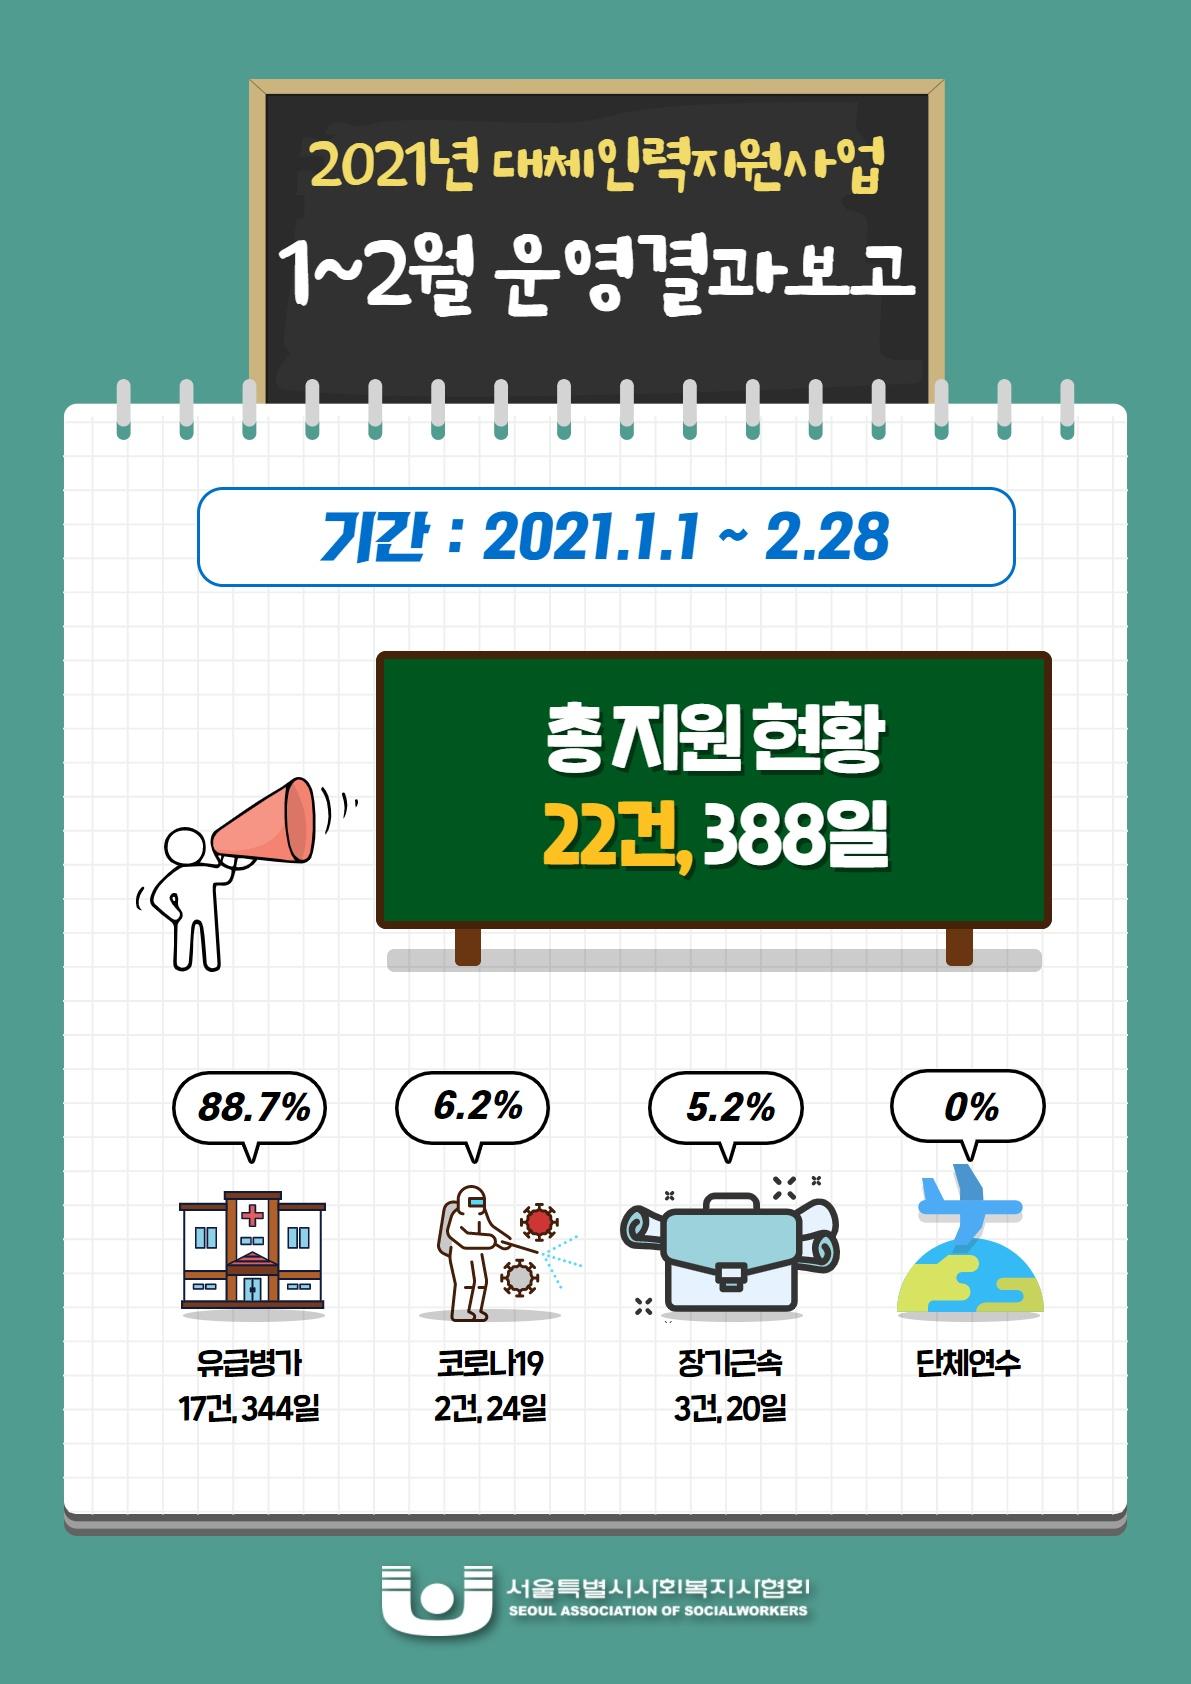 대체인력지원사업 1~2월 운영결과.jpg